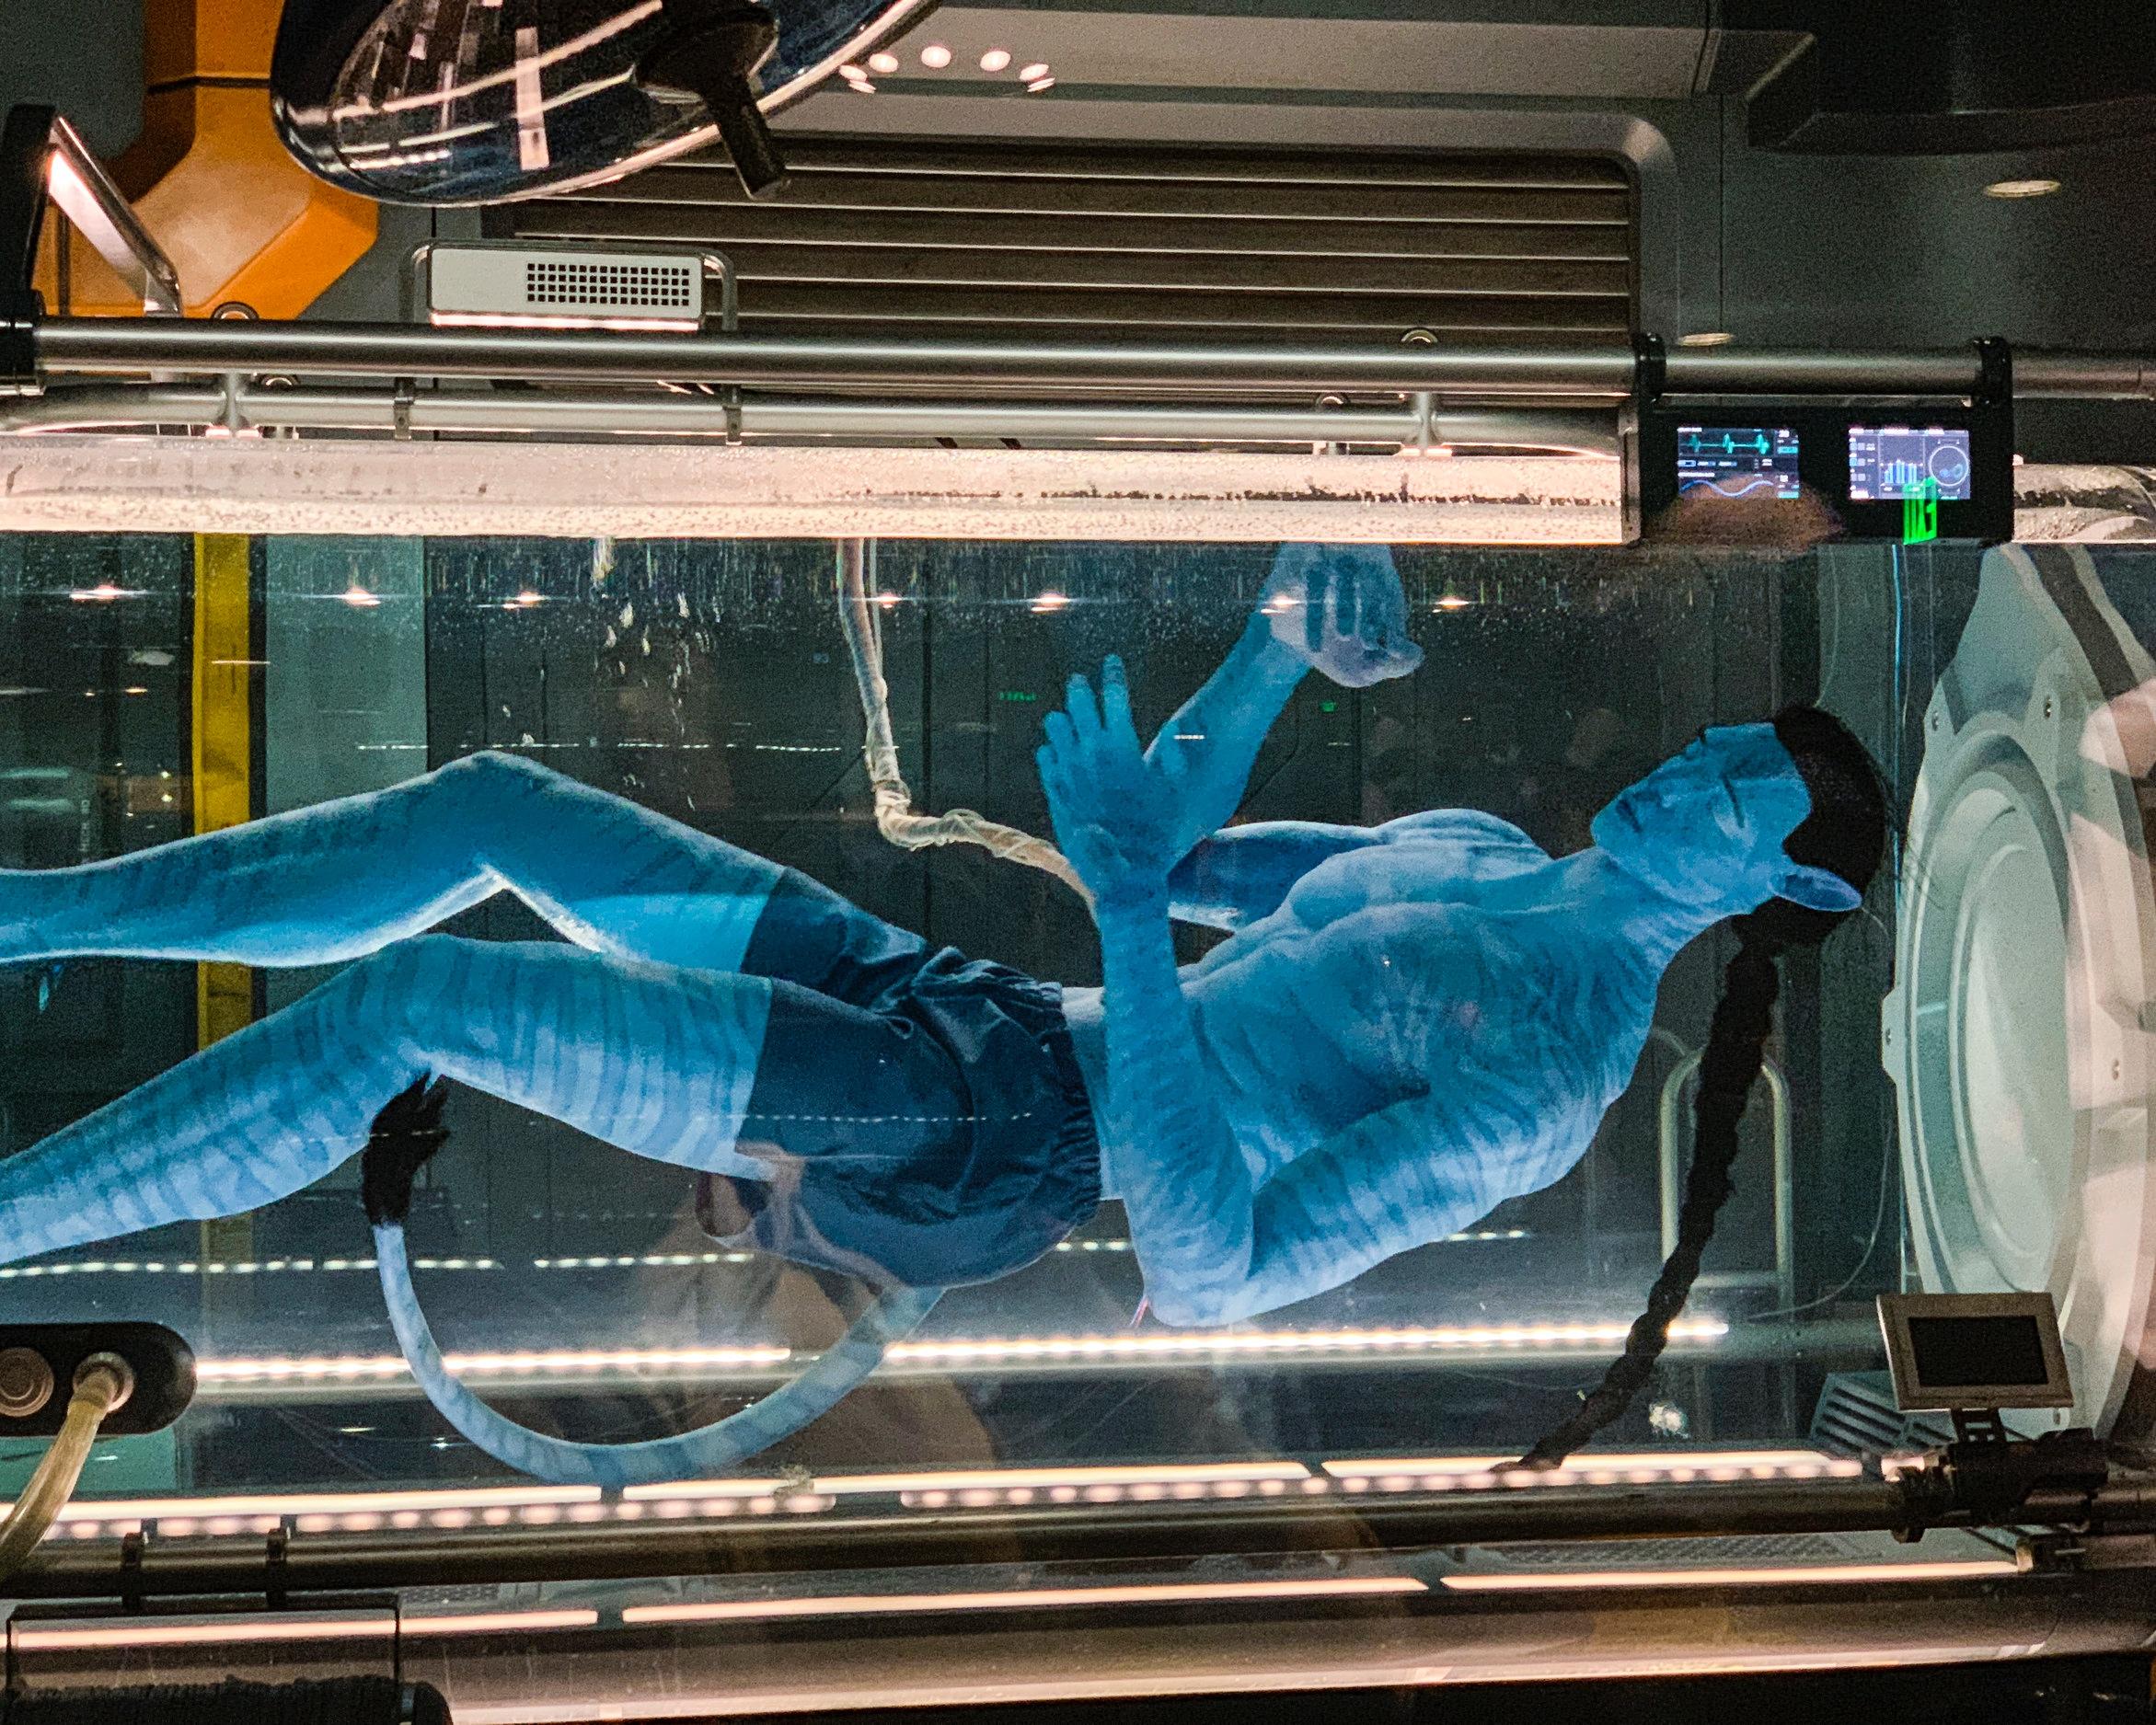 An Avatar on display.